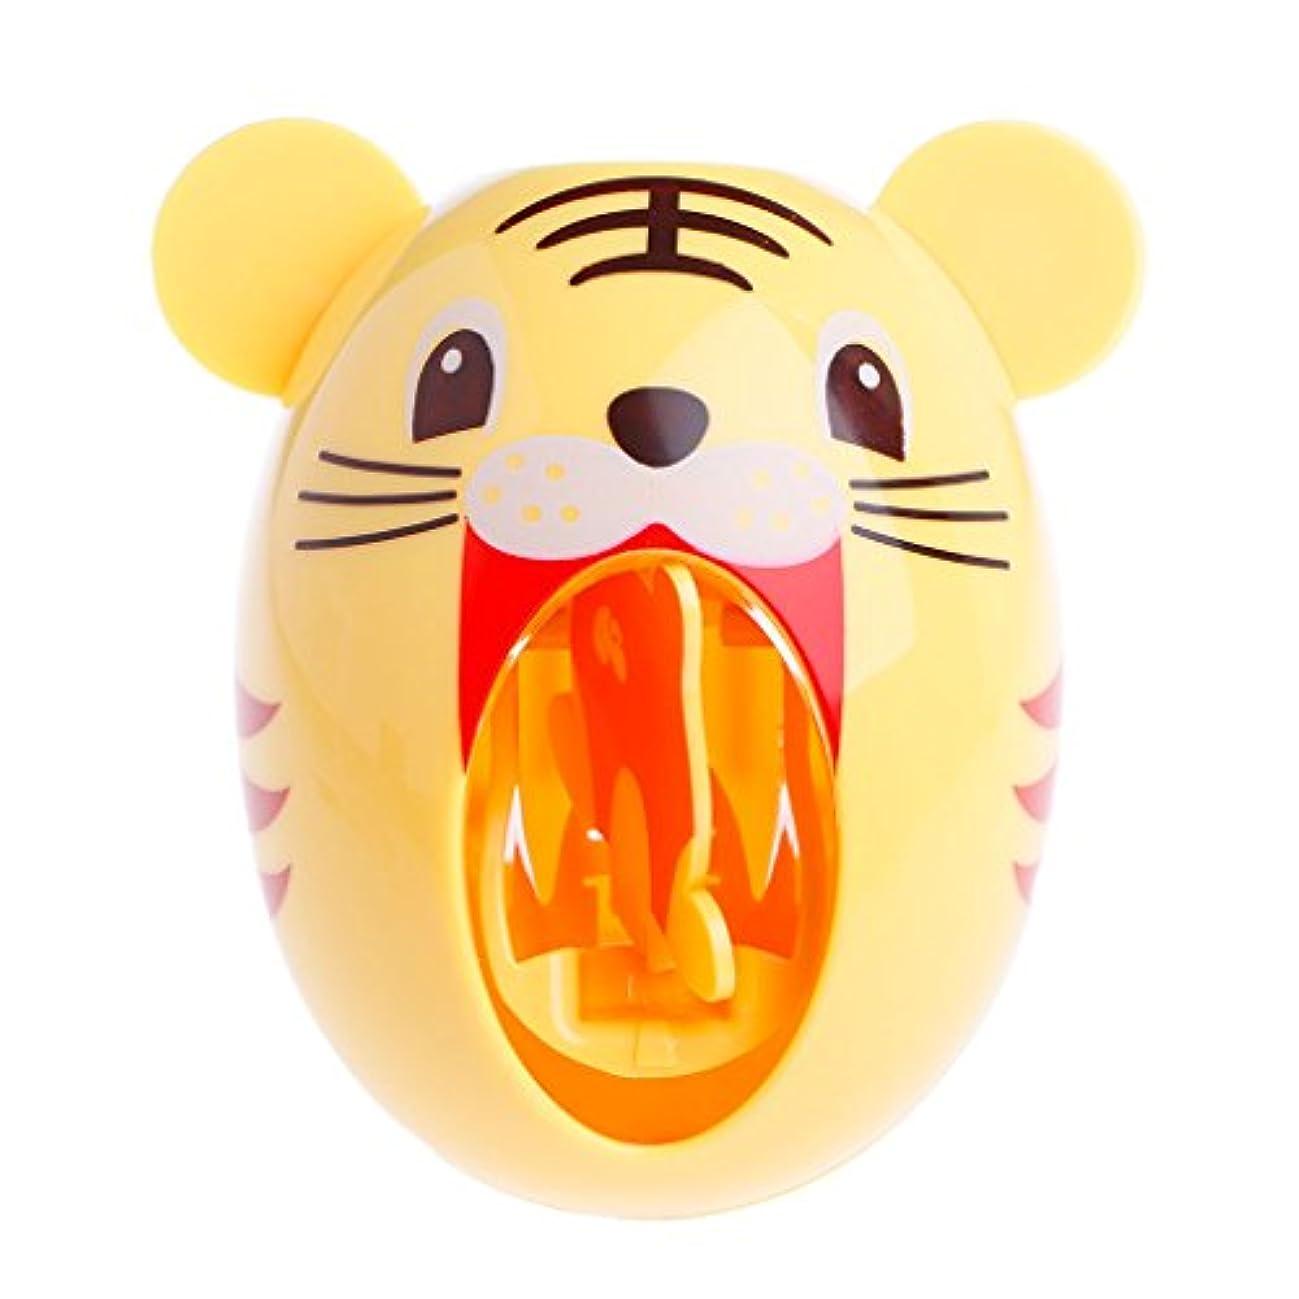 データ彼味わうLamdooキッズかわいい漫画の動物デザイン歯ブラシホルダー自動歯磨き粉ディスペンス